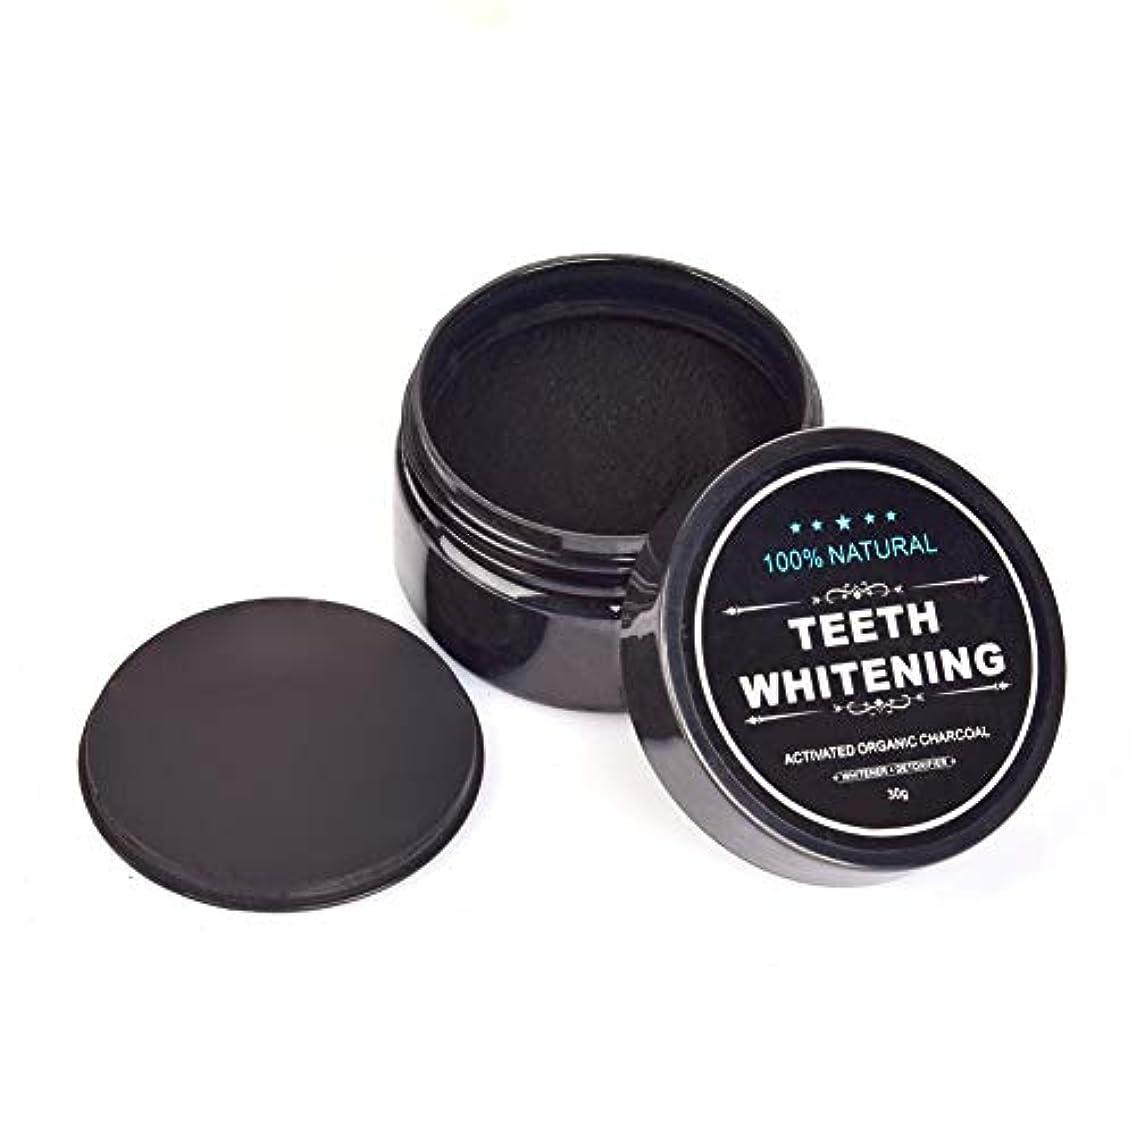 火傷ささいな粒子SILUN チャコールホワイトニング 歯 ホワイトニング チャコール型 マイクロパウダー 歯 ホワイトニング 食べれる活性炭 竹炭 歯を白くする歯磨き粉 活性炭パウダー